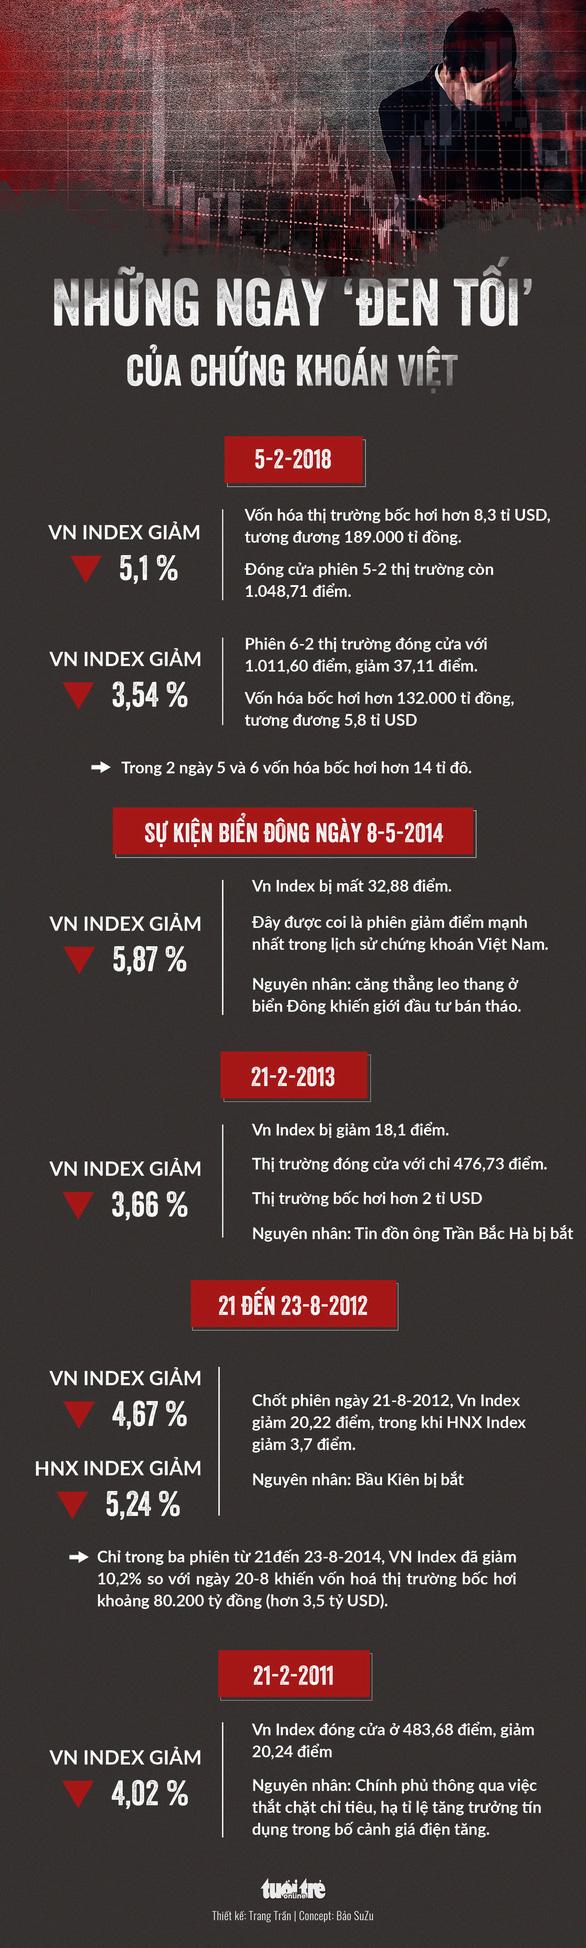 Hai ngày đen tối bốc hơi hơn 14 tỉ USD của chứng khoán Việt - Ảnh 1.